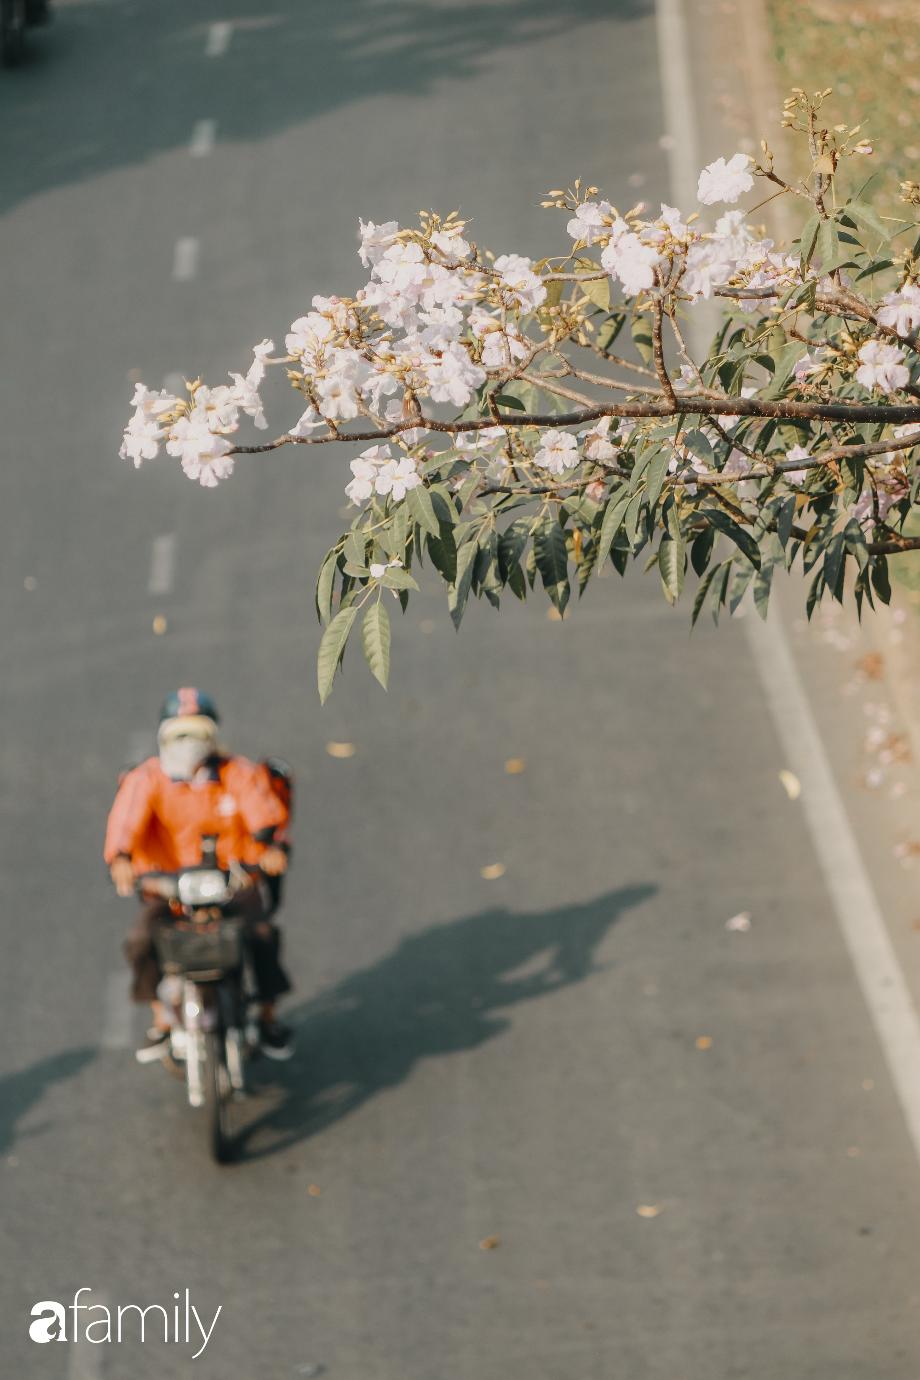 Chùm ảnh: Sài Gòn trở nên khác lạ khi hoa Kèn hồng vào mùa nở rộ, nhưng lạ thay đến hơn một nửa người Sài Gòn chẳng biết đến sự tồn tại của loài hoa này? - Ảnh 9.